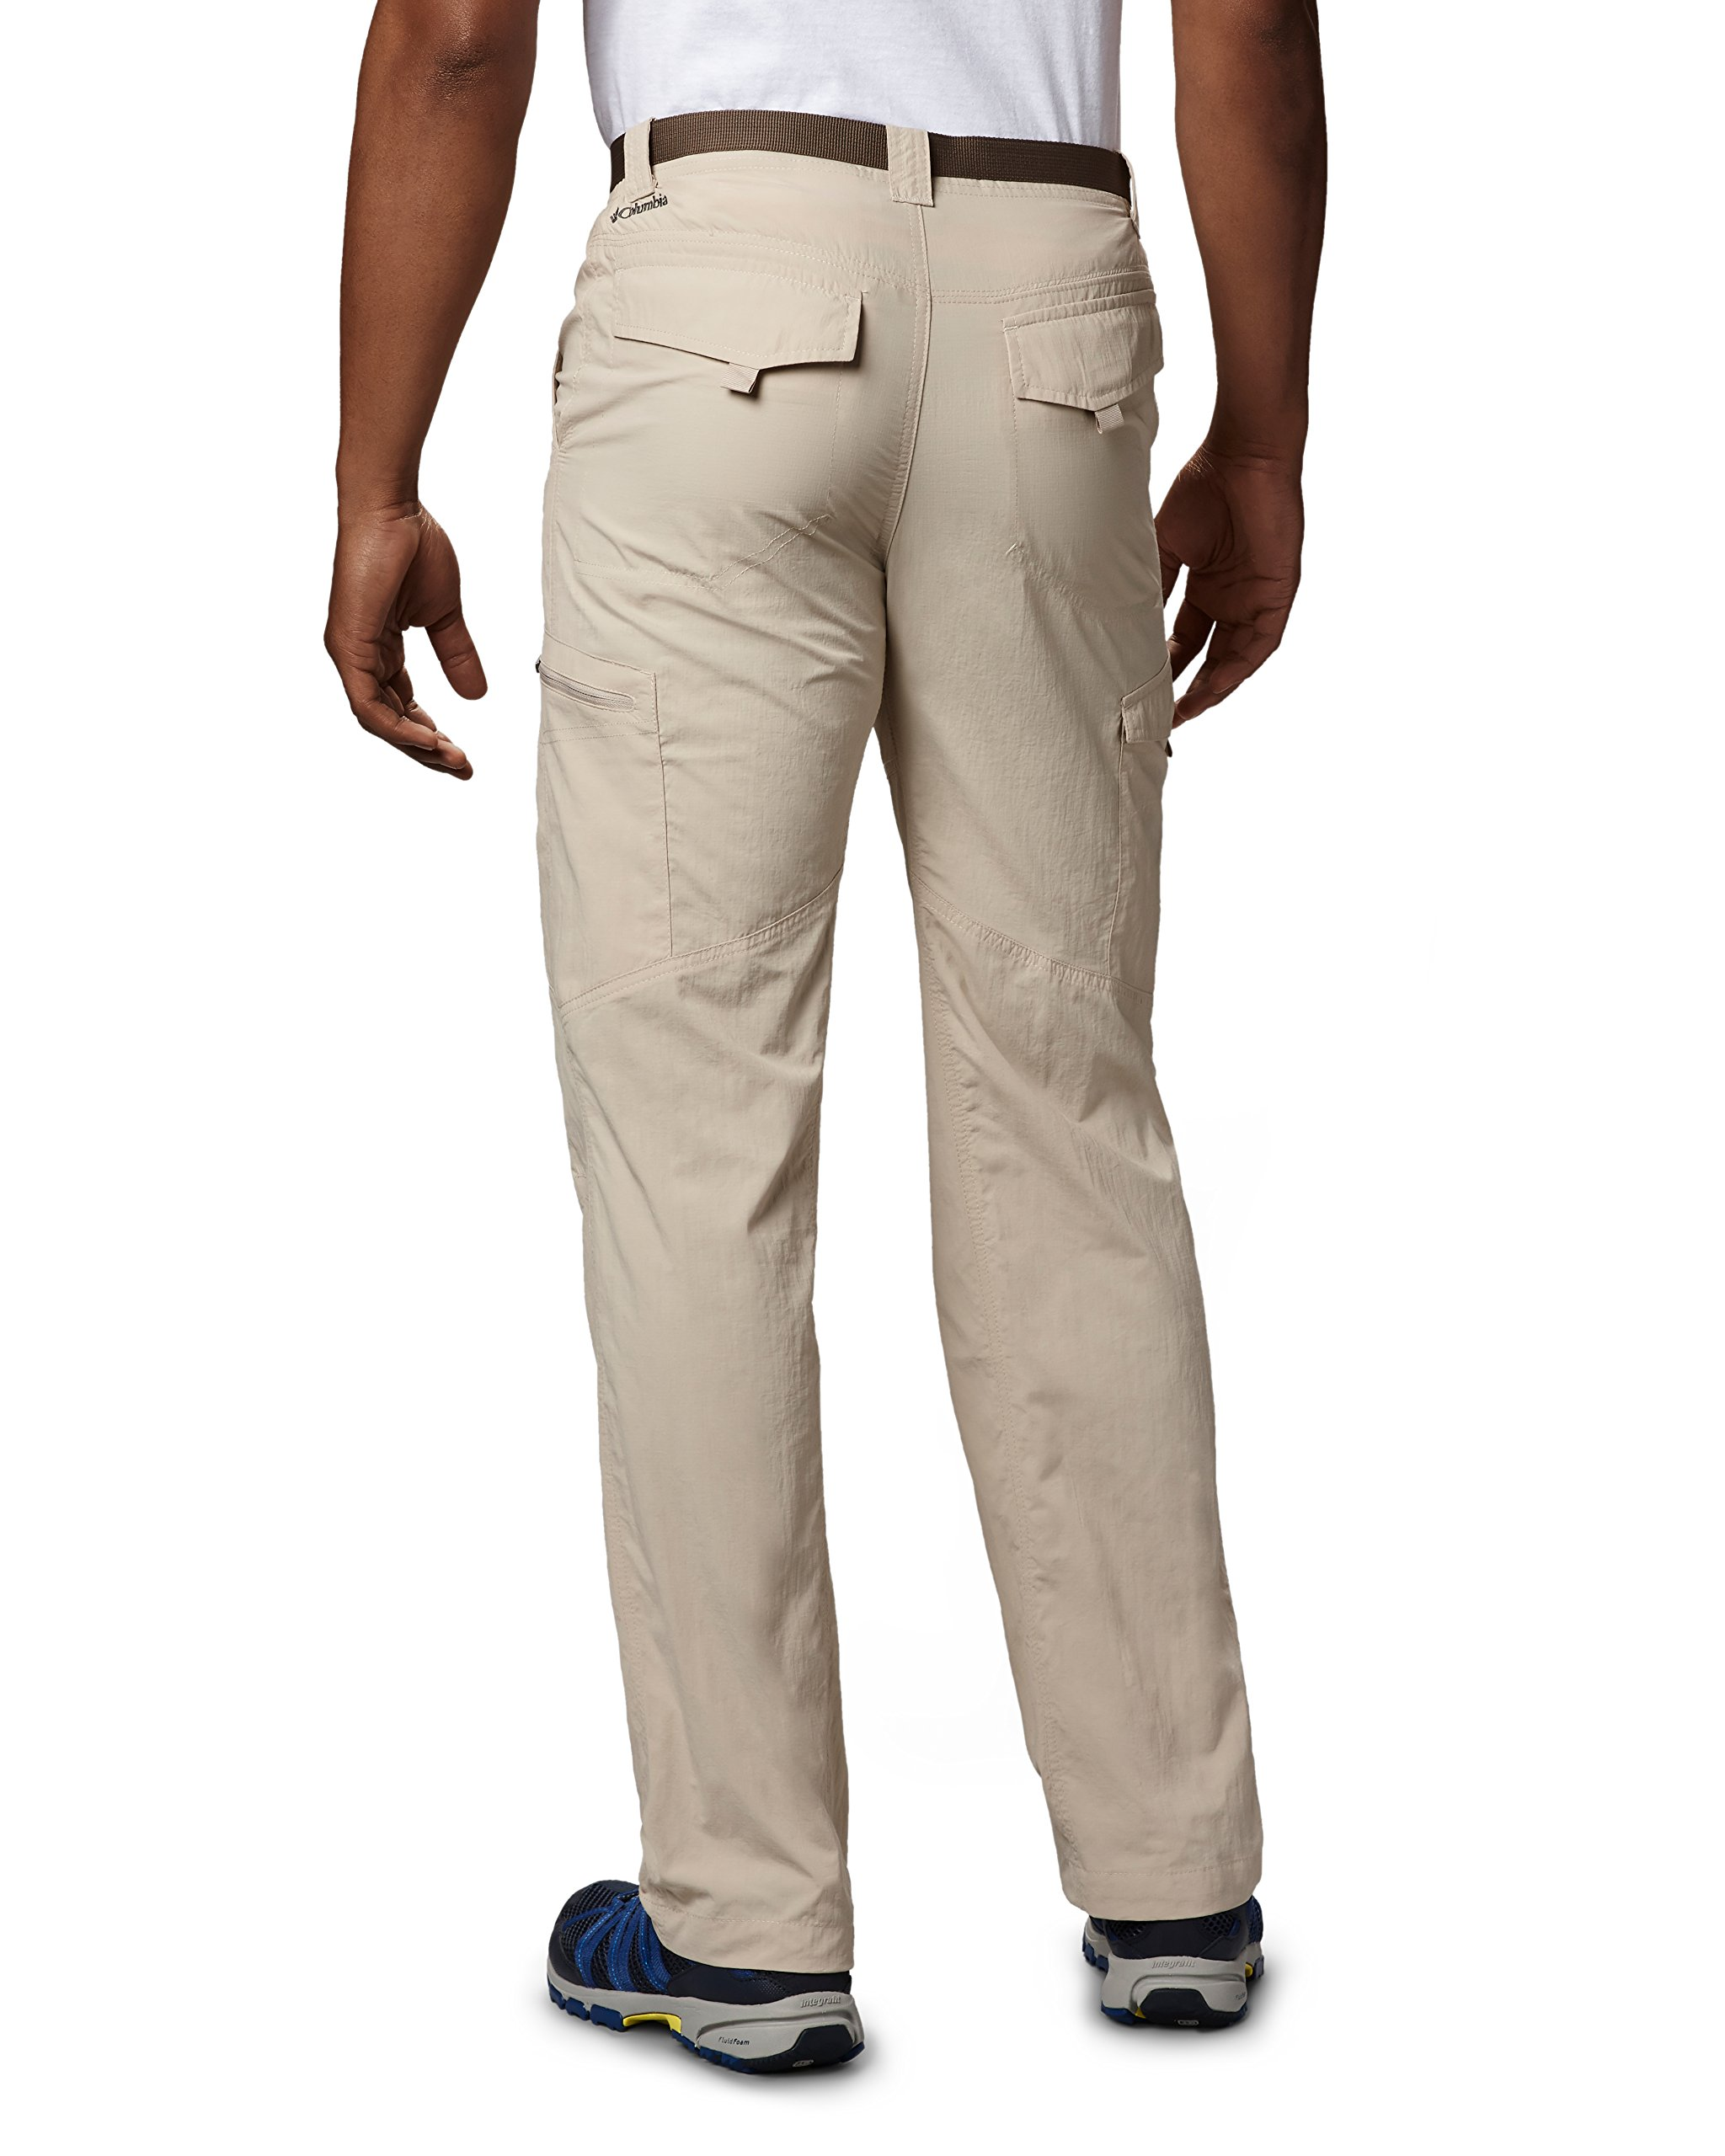 81QDPYZZF4L - Columbia Men's Silver Ridge Cargo Pant Silver Ridge Cargo Pant